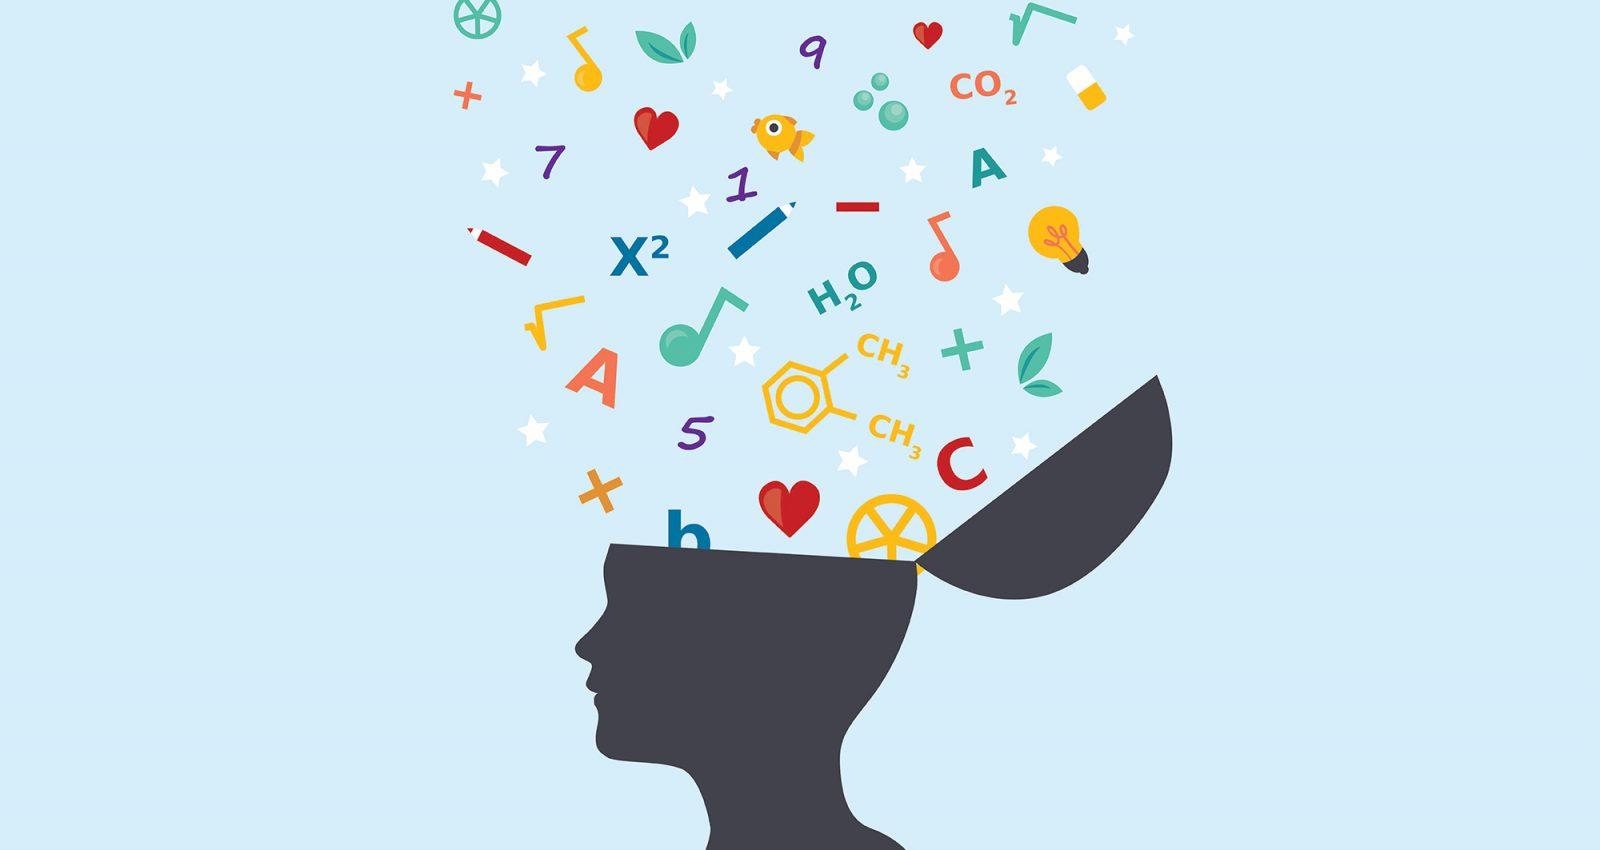 مهارت های تفکر انتقادی را تمرین کنیم